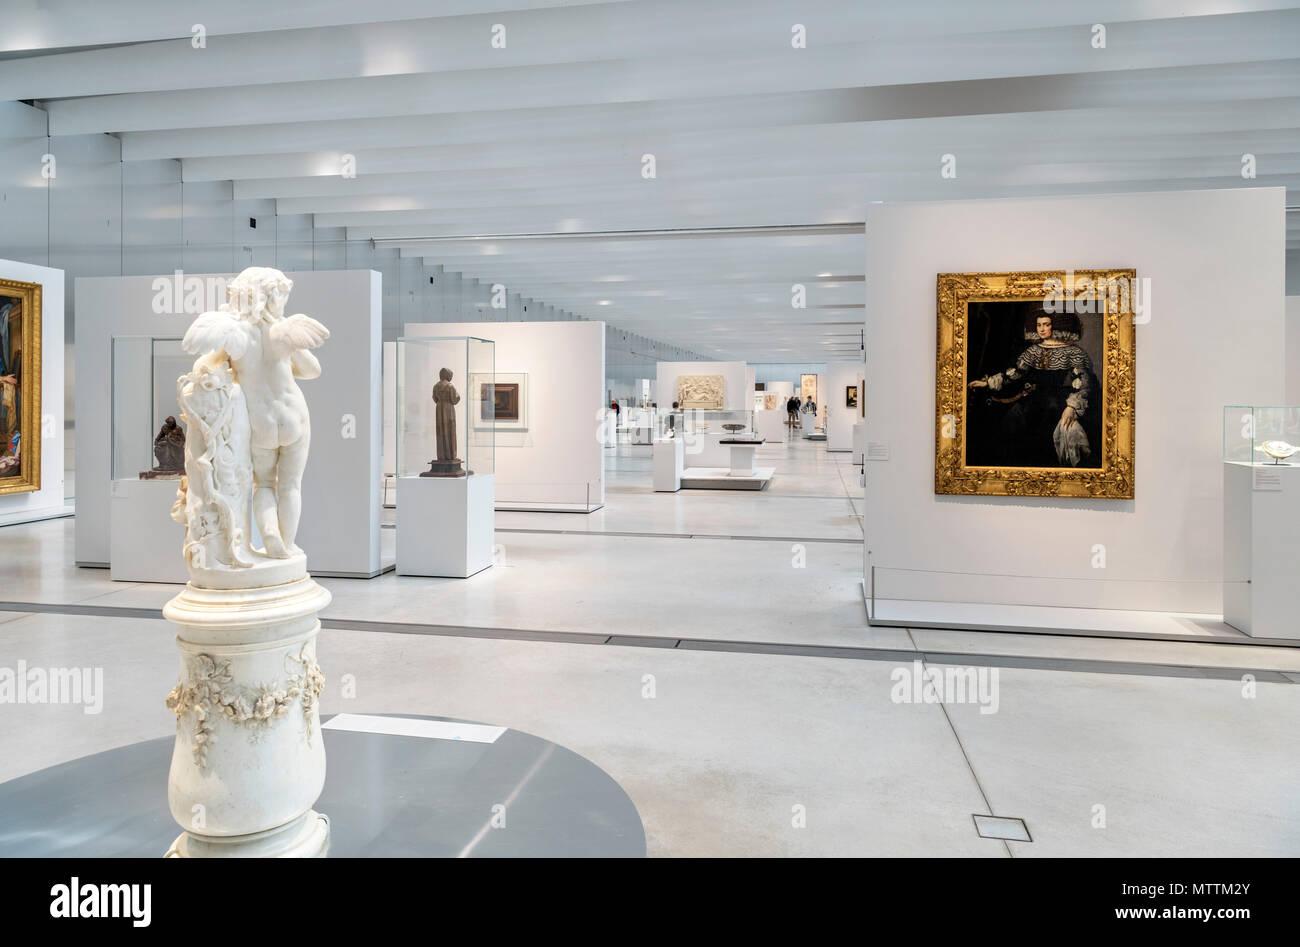 La Galerie du Temps in the Louvre-Lens museum, Lens, Pas de Calais, Northern France - Stock Image